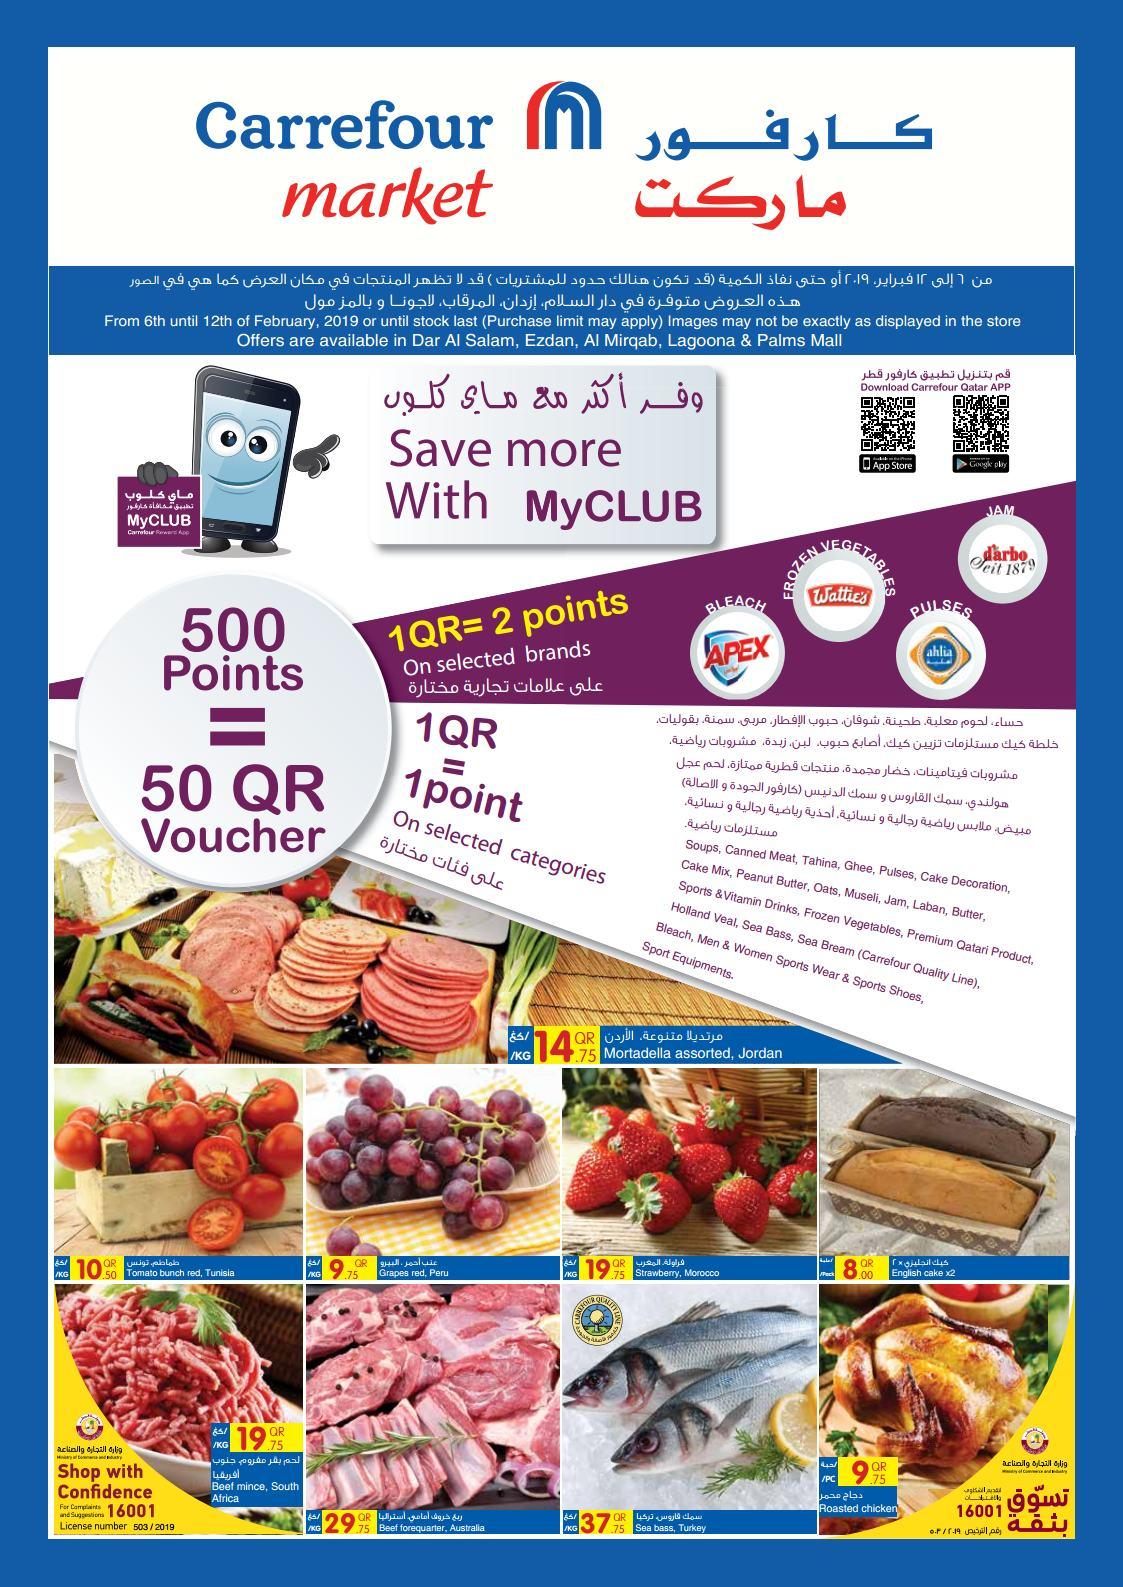 Carrefour Supermarket Offer till 12-02